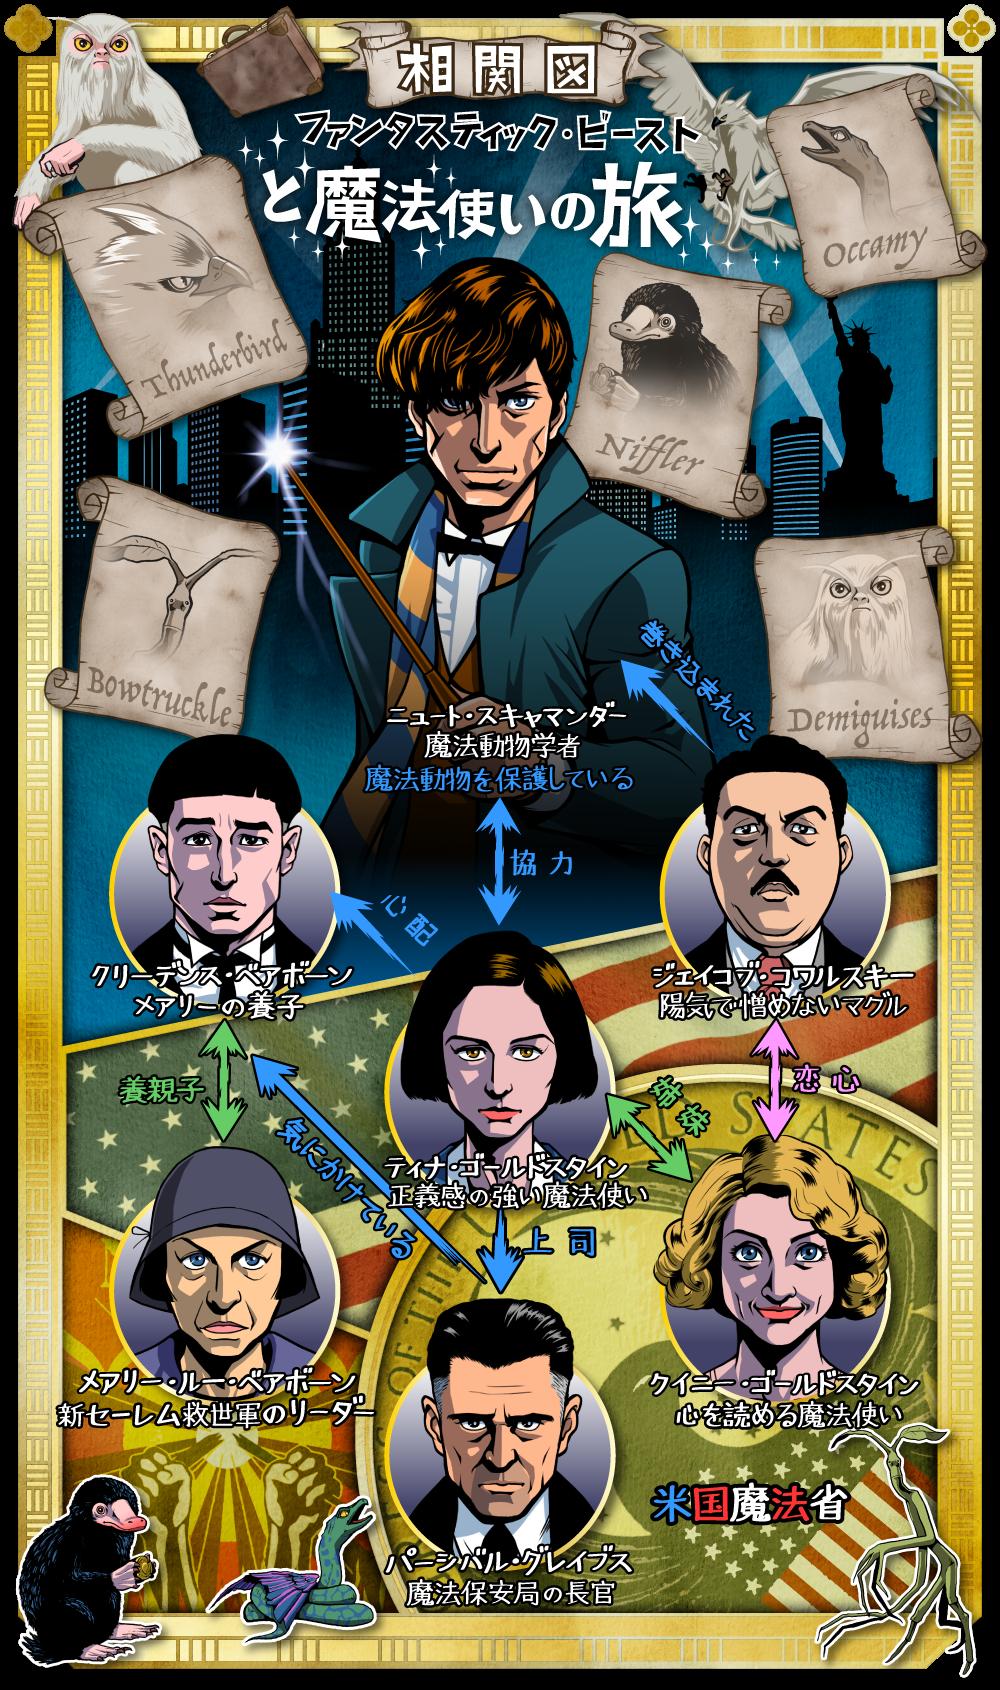 ファンタスティック・ビーストと魔法使いの旅の人物相関図